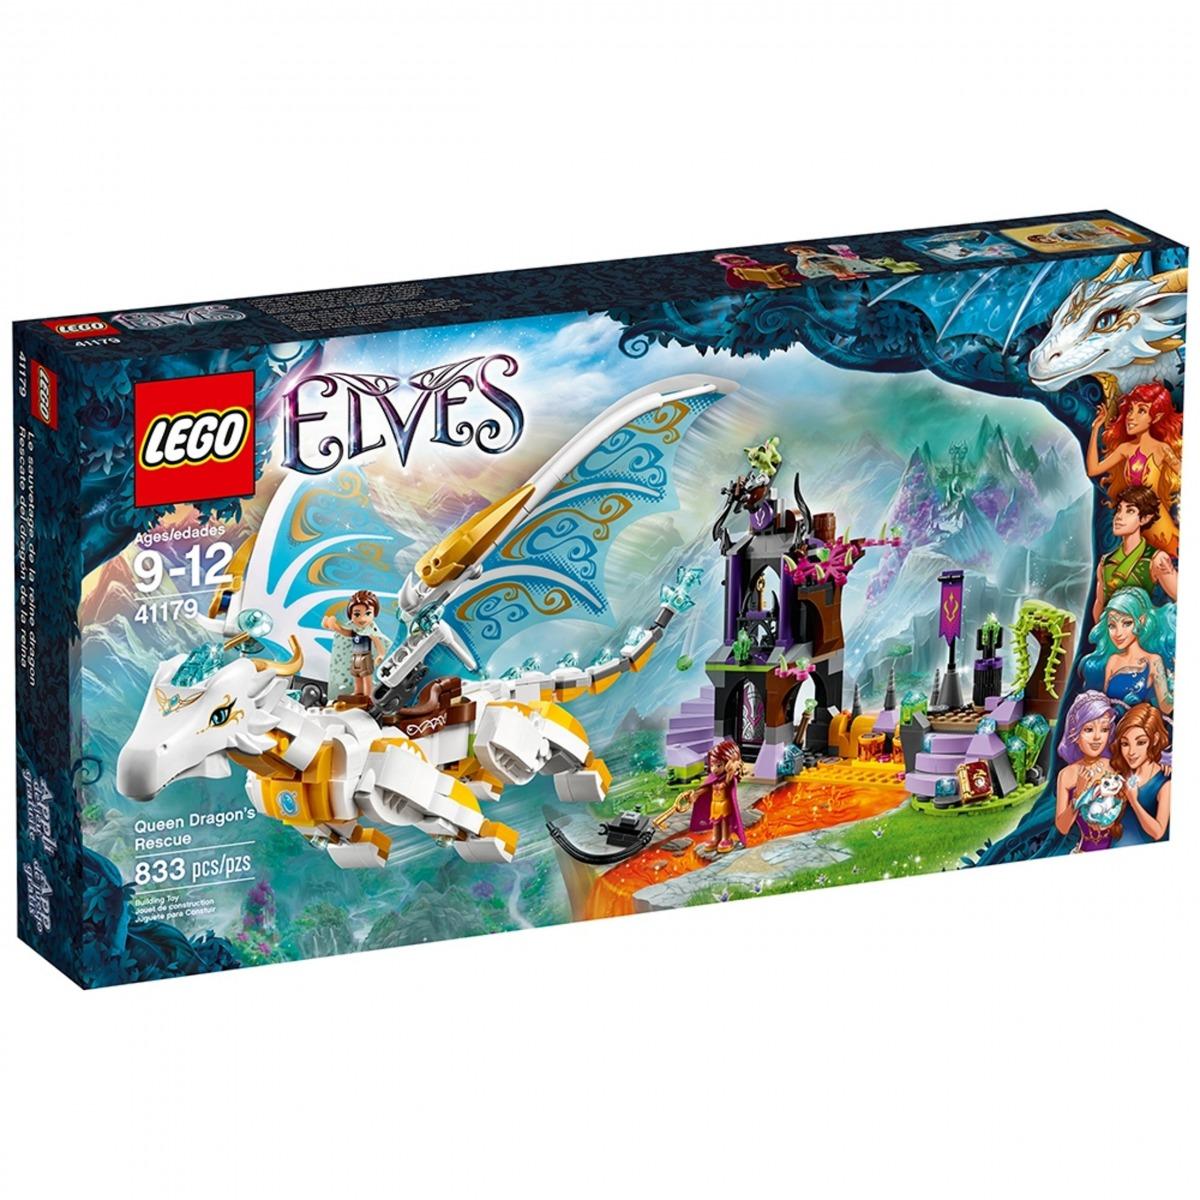 lego 41179 le sauvetage de la reine dragon scaled